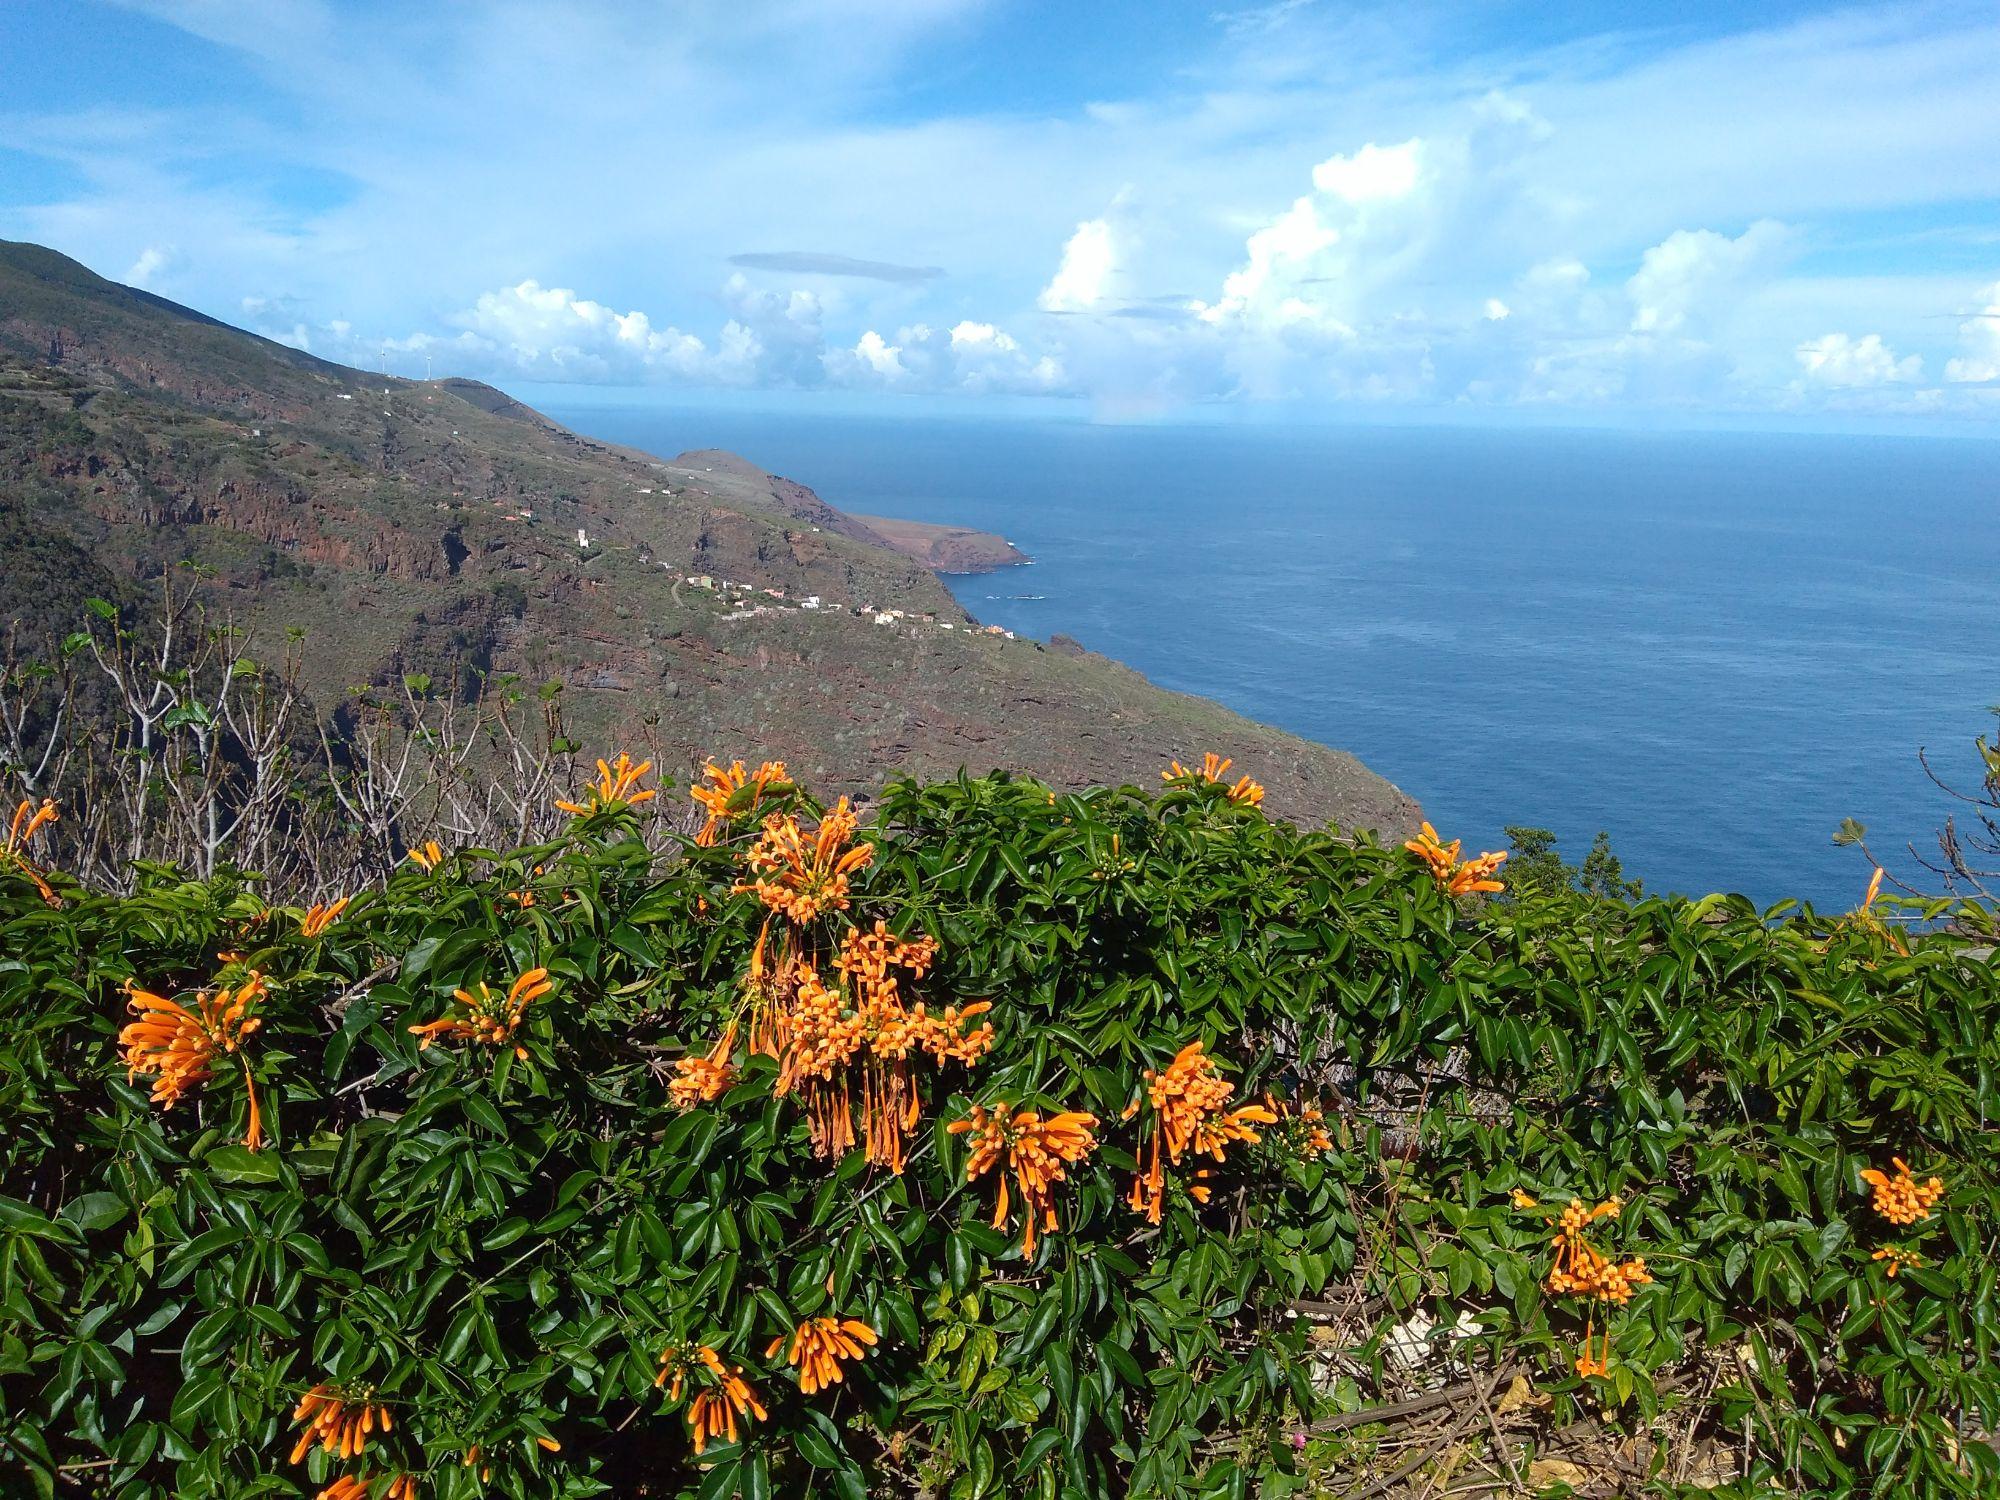 The north coast of Garafia